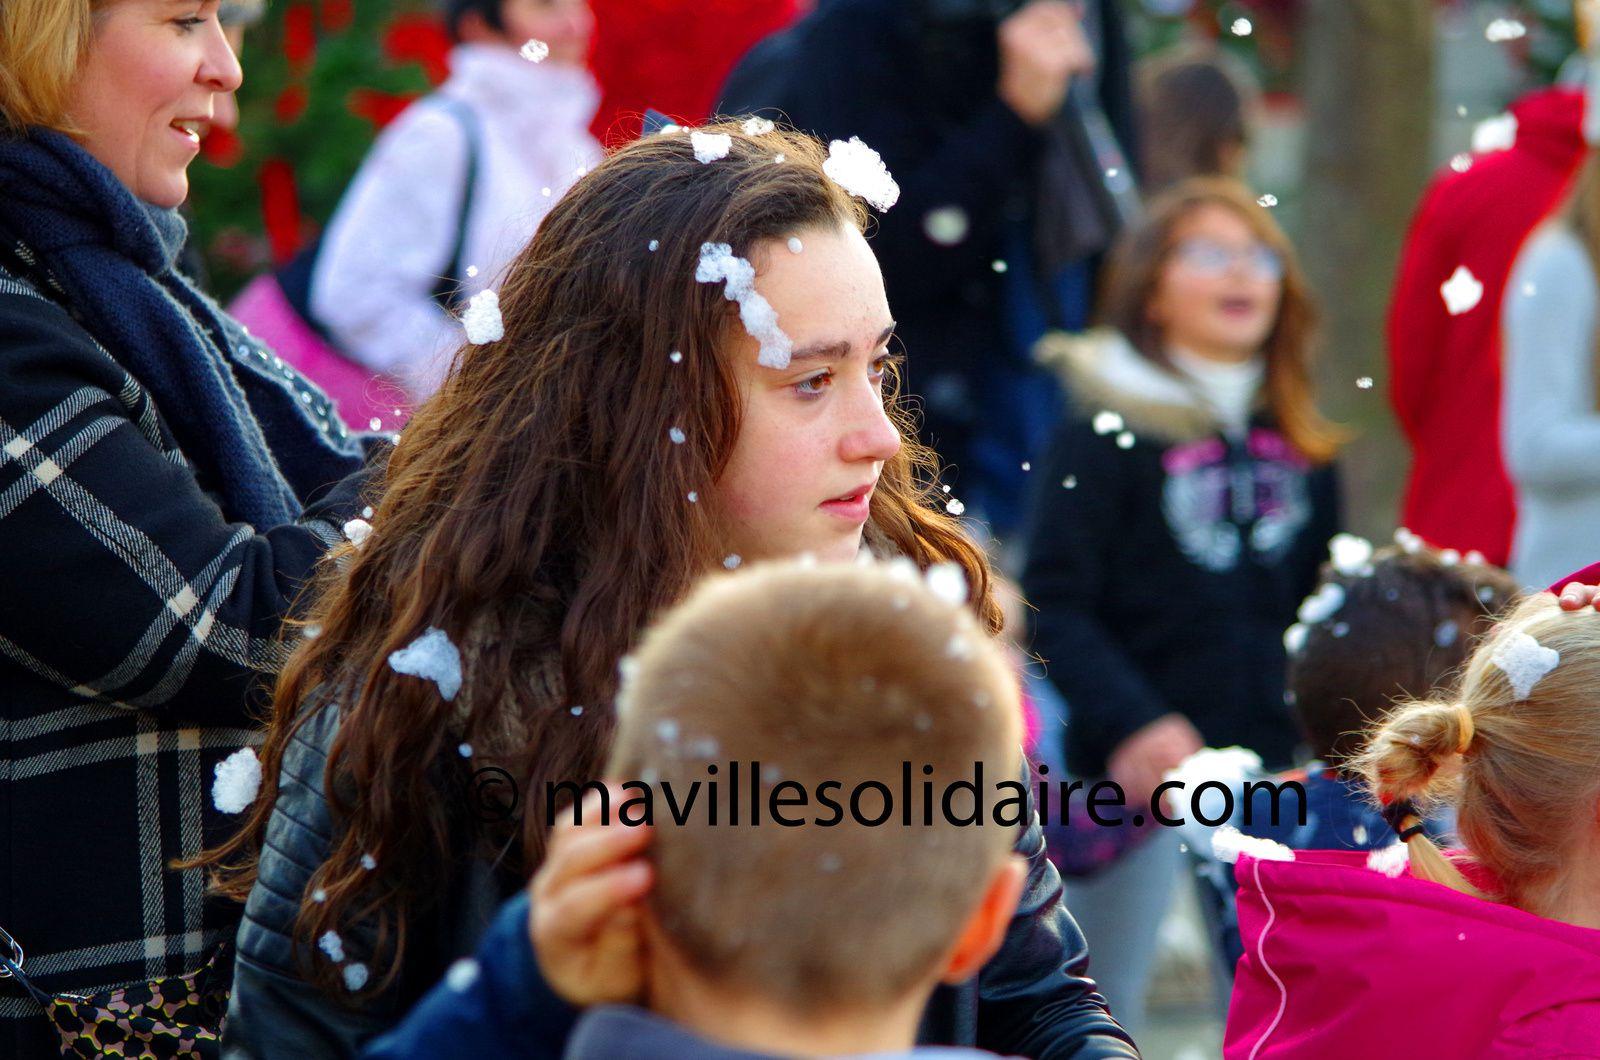 La Roche-sur-Yon. [Images] Noël en Fête samed 12 décembre 2015.